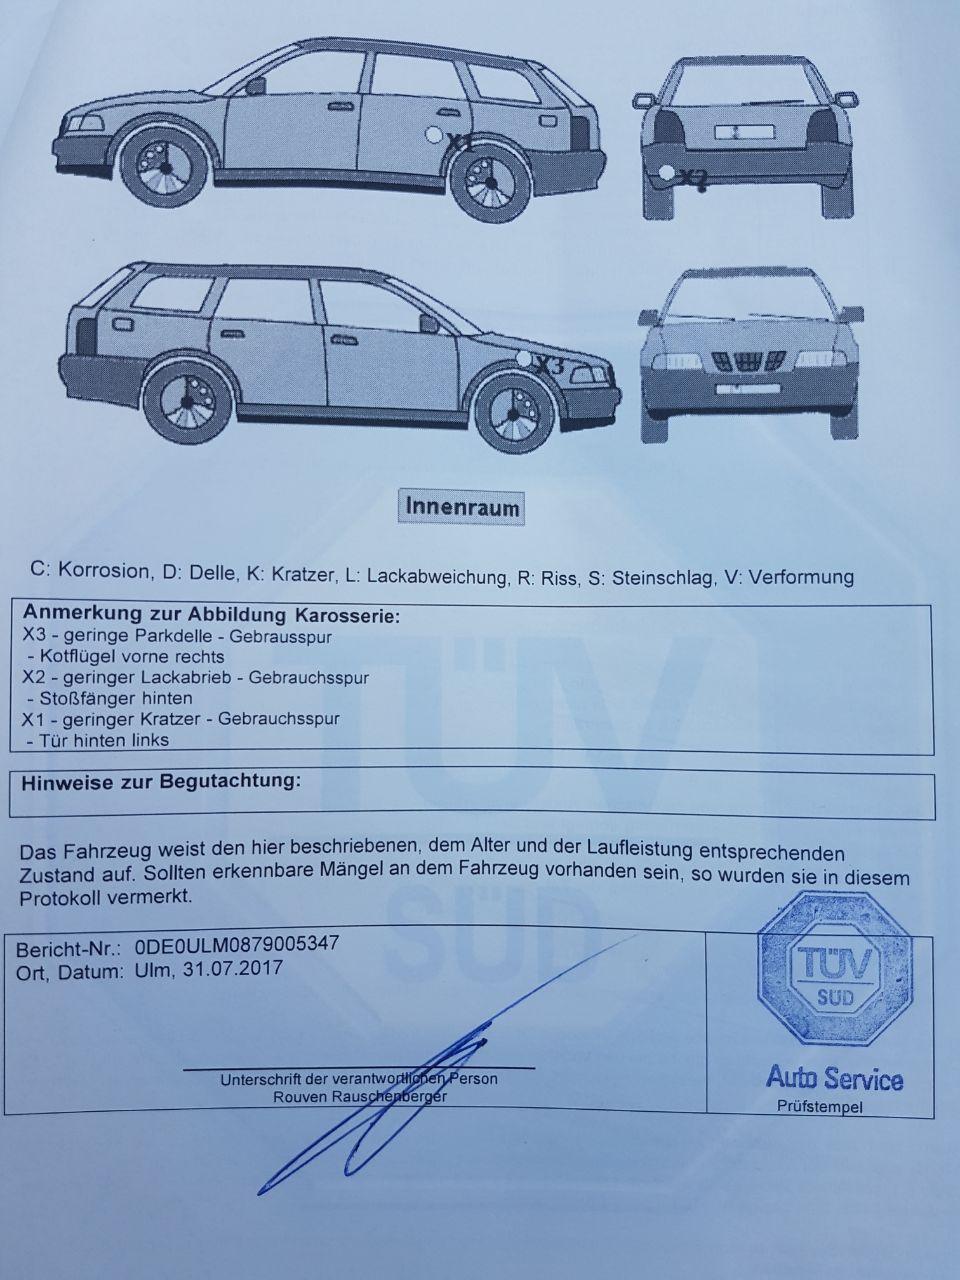 Preminat technicheski pregled na myasto v Germaniya. BMW 118i, 145 к.с. 08.08.2017 TÜV (4)